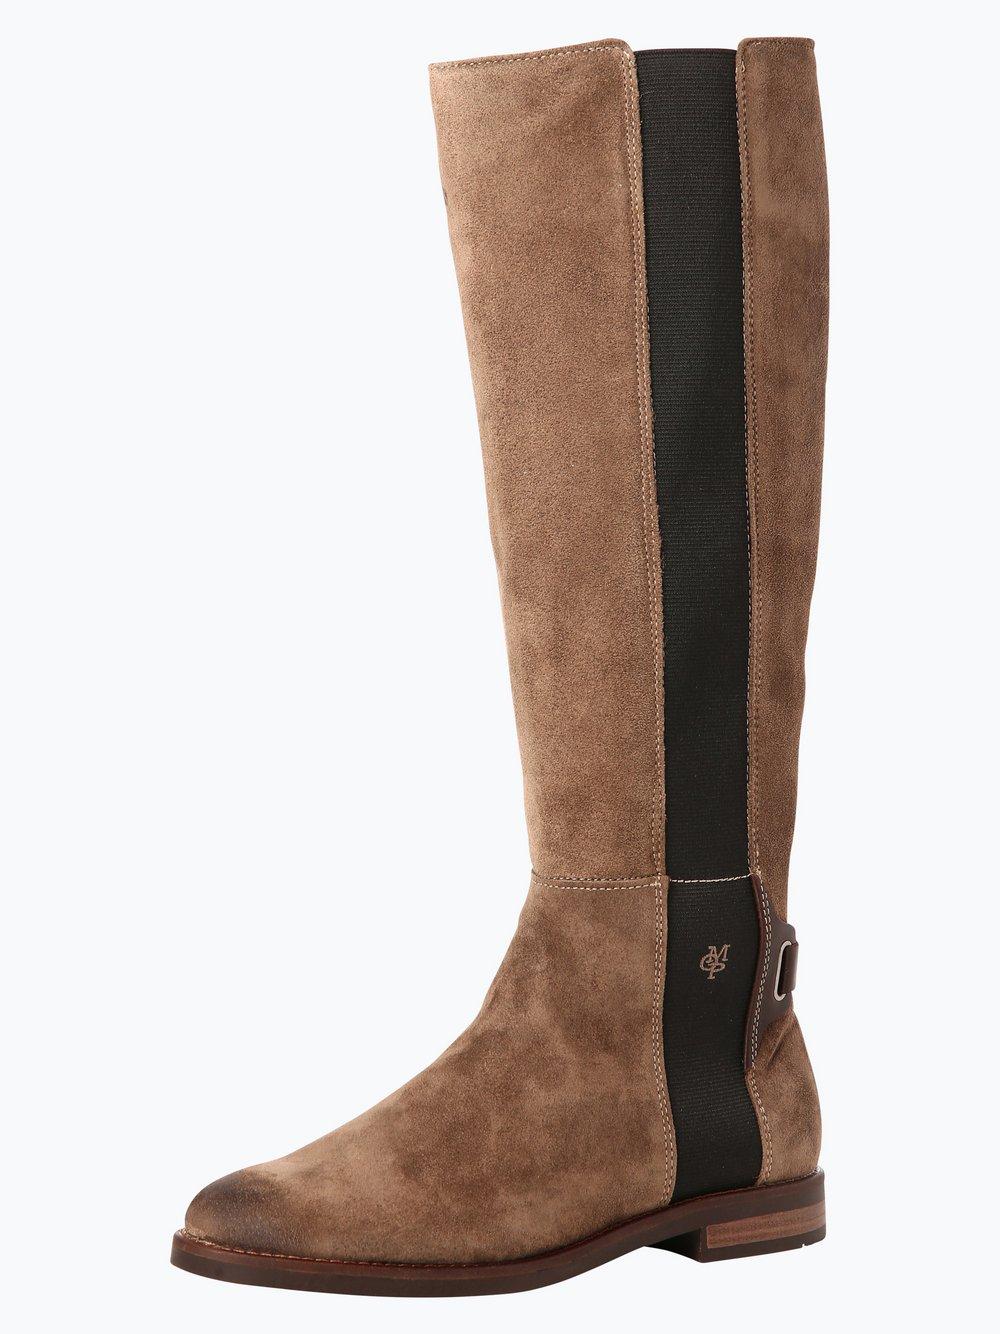 Marc O'Polo Damen Stiefel aus Leder online kaufen | PEEK UND